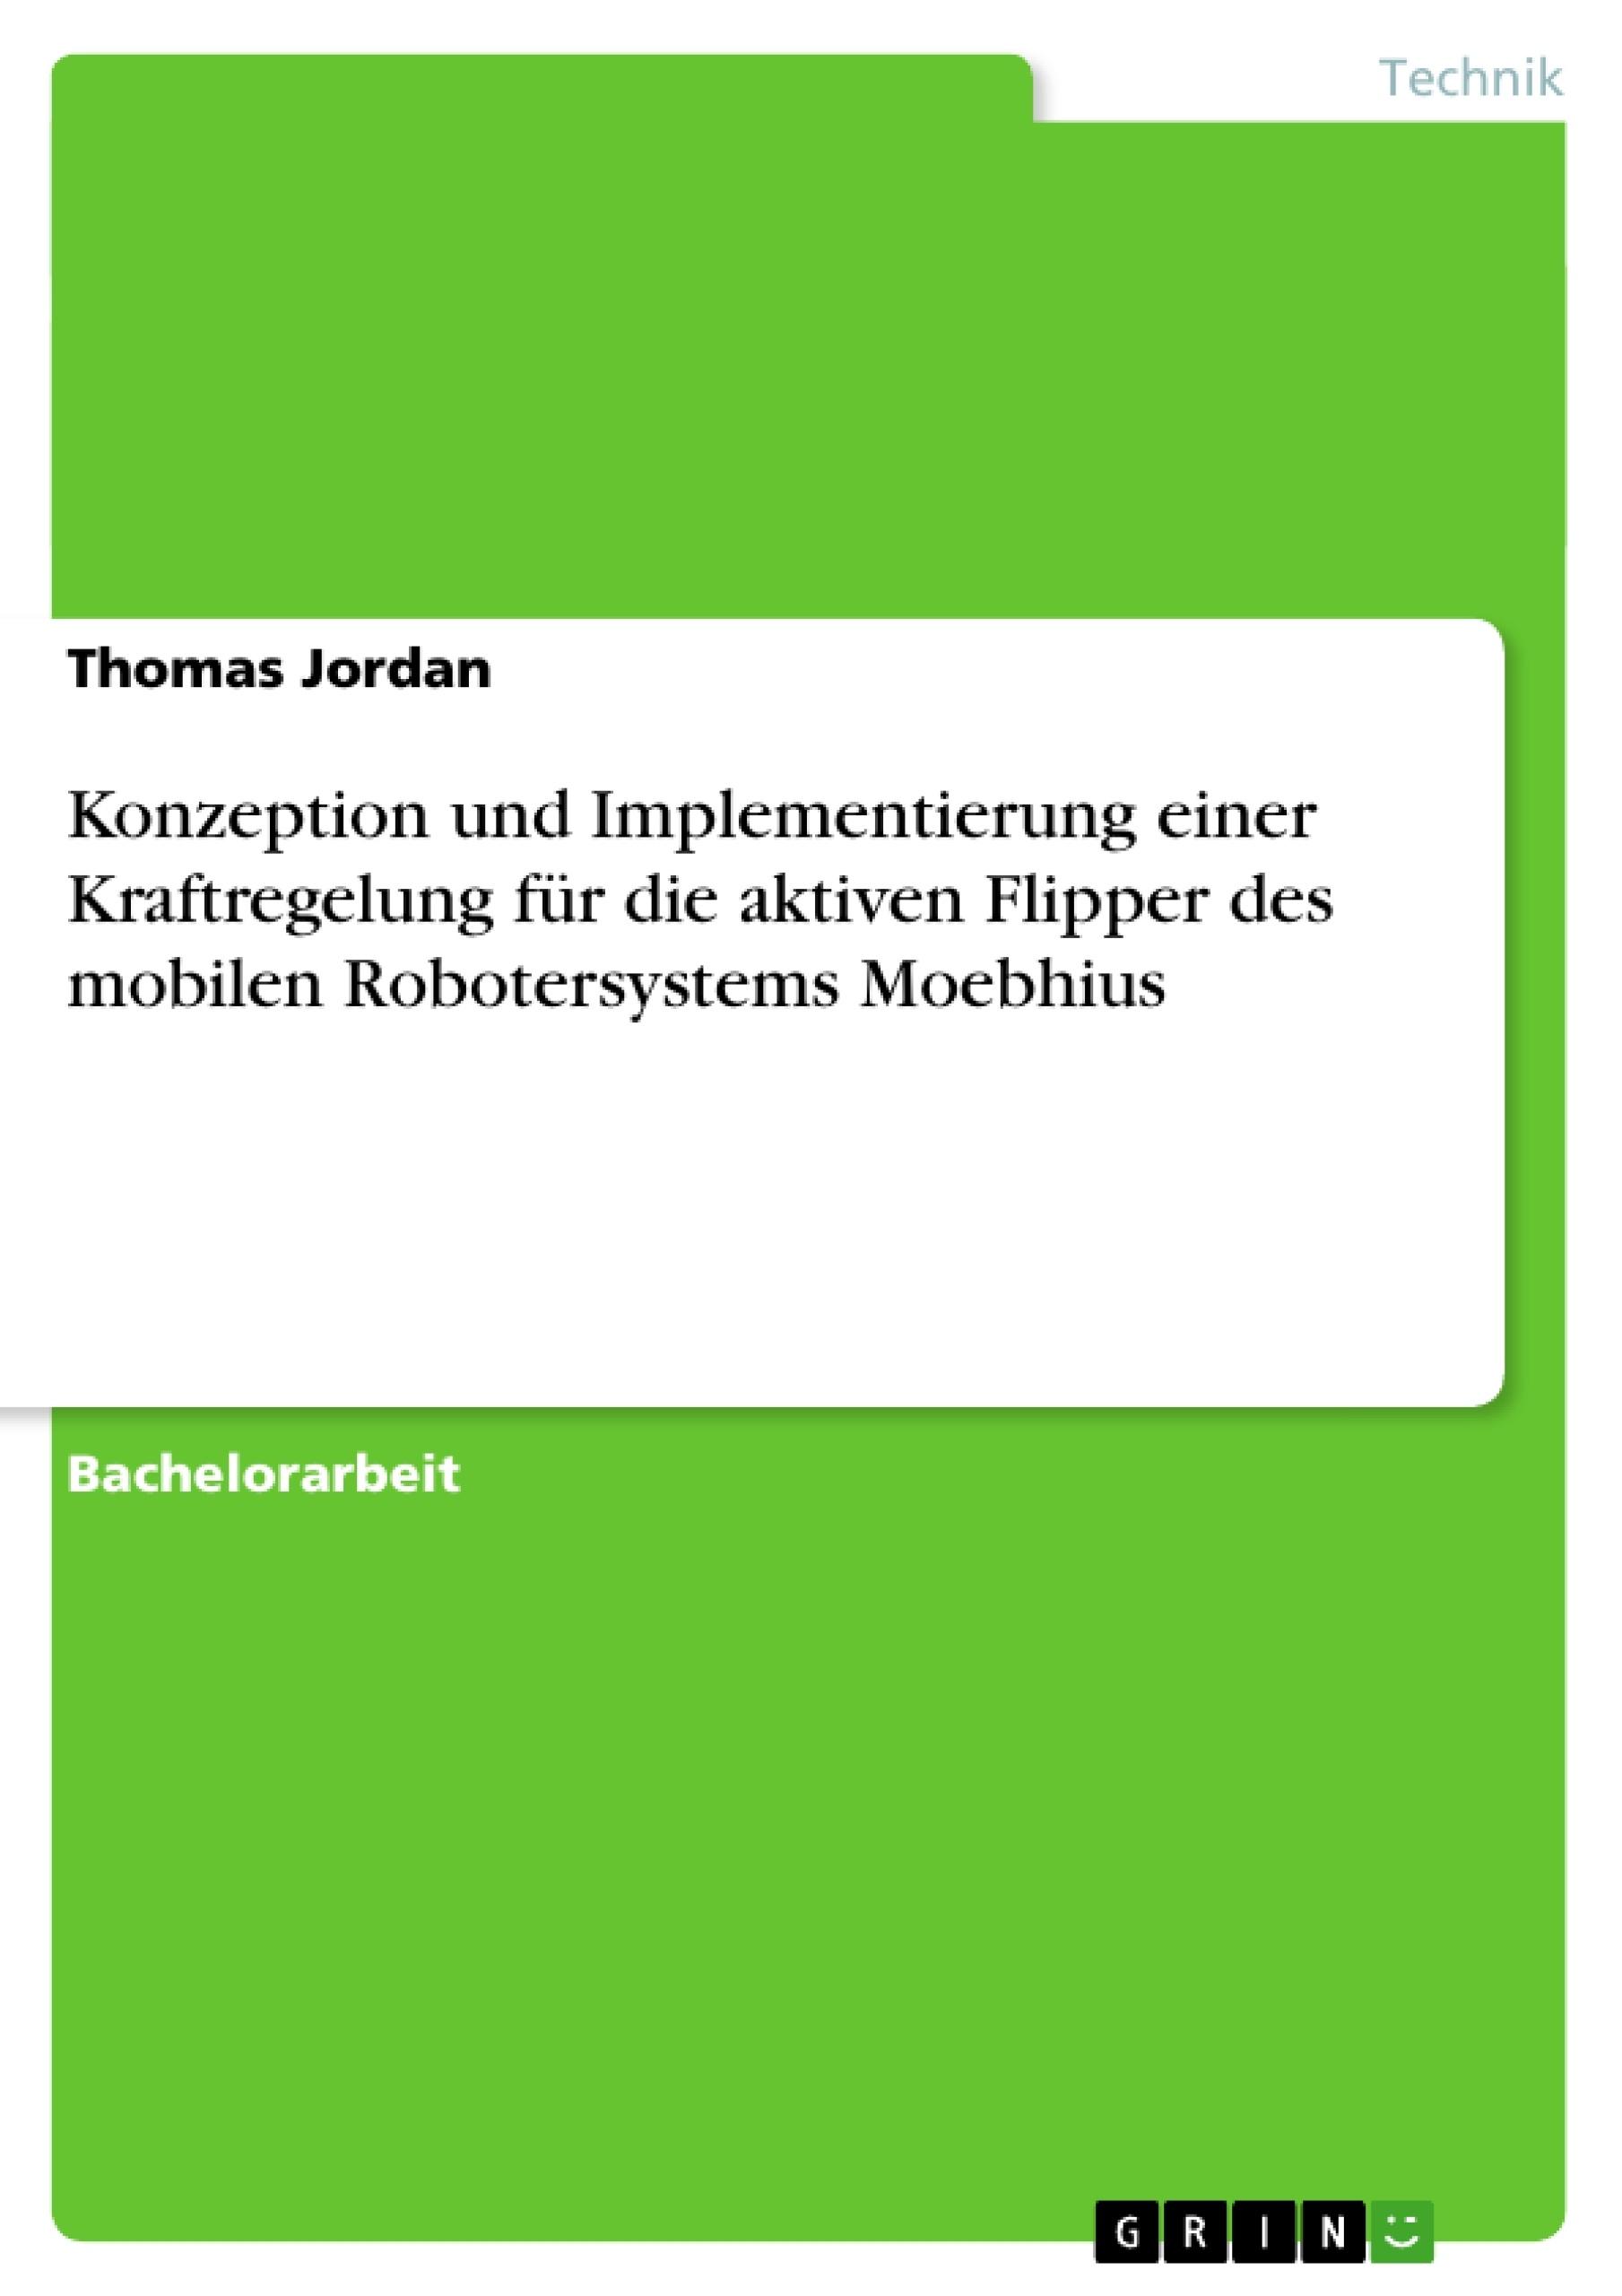 Titel: Konzeption und Implementierung einer Kraftregelung für die aktiven Flipper des mobilen Robotersystems Moebhius